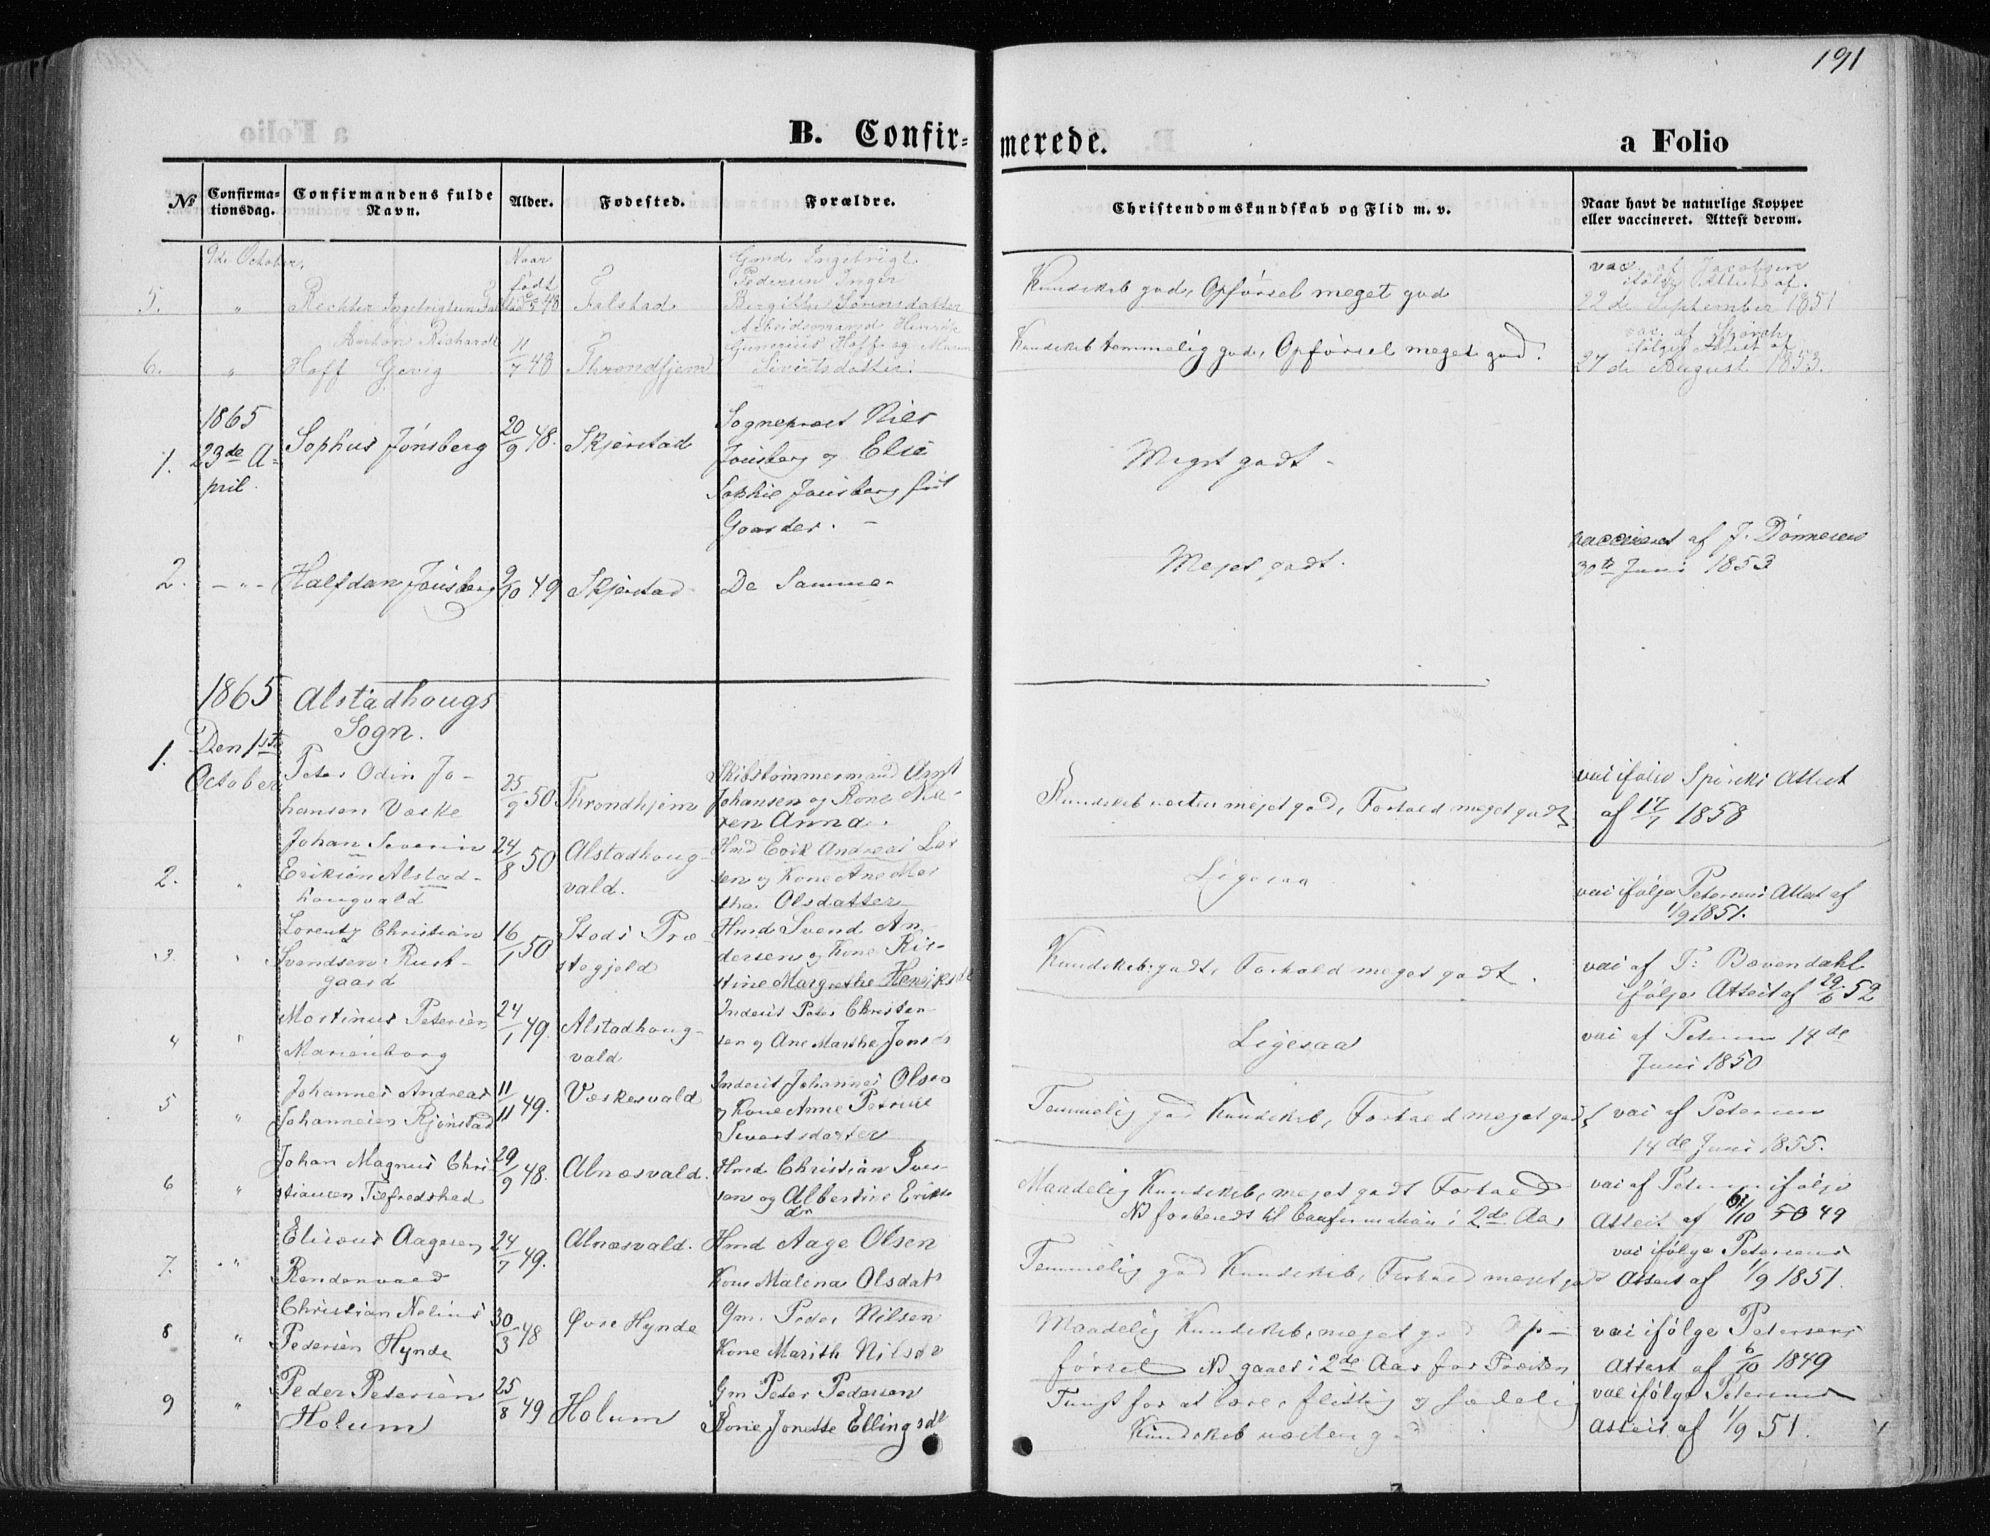 SAT, Ministerialprotokoller, klokkerbøker og fødselsregistre - Nord-Trøndelag, 717/L0157: Ministerialbok nr. 717A08 /1, 1863-1877, s. 191